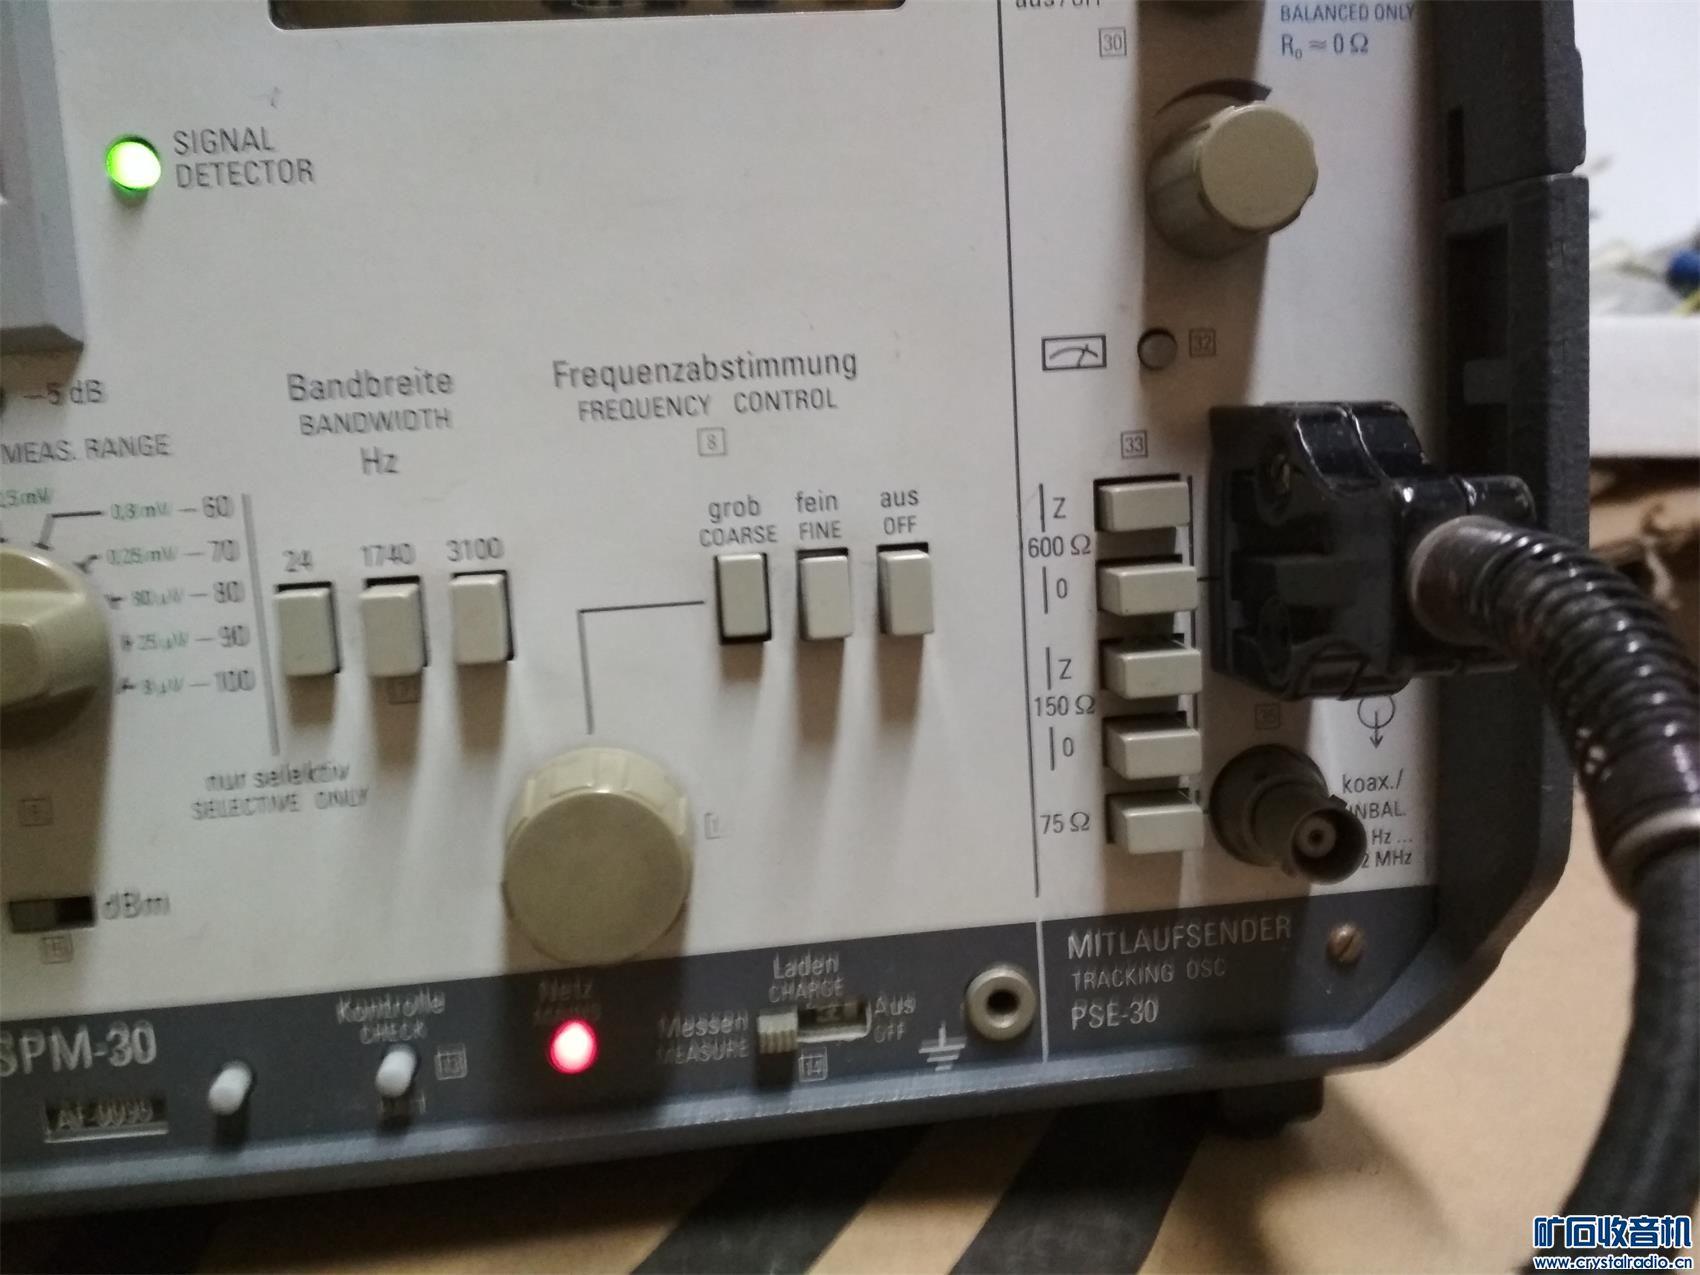 3200号德国大品牌仪表信号发生器及电平选频一体化仪表1500元不邮 (12).jpg